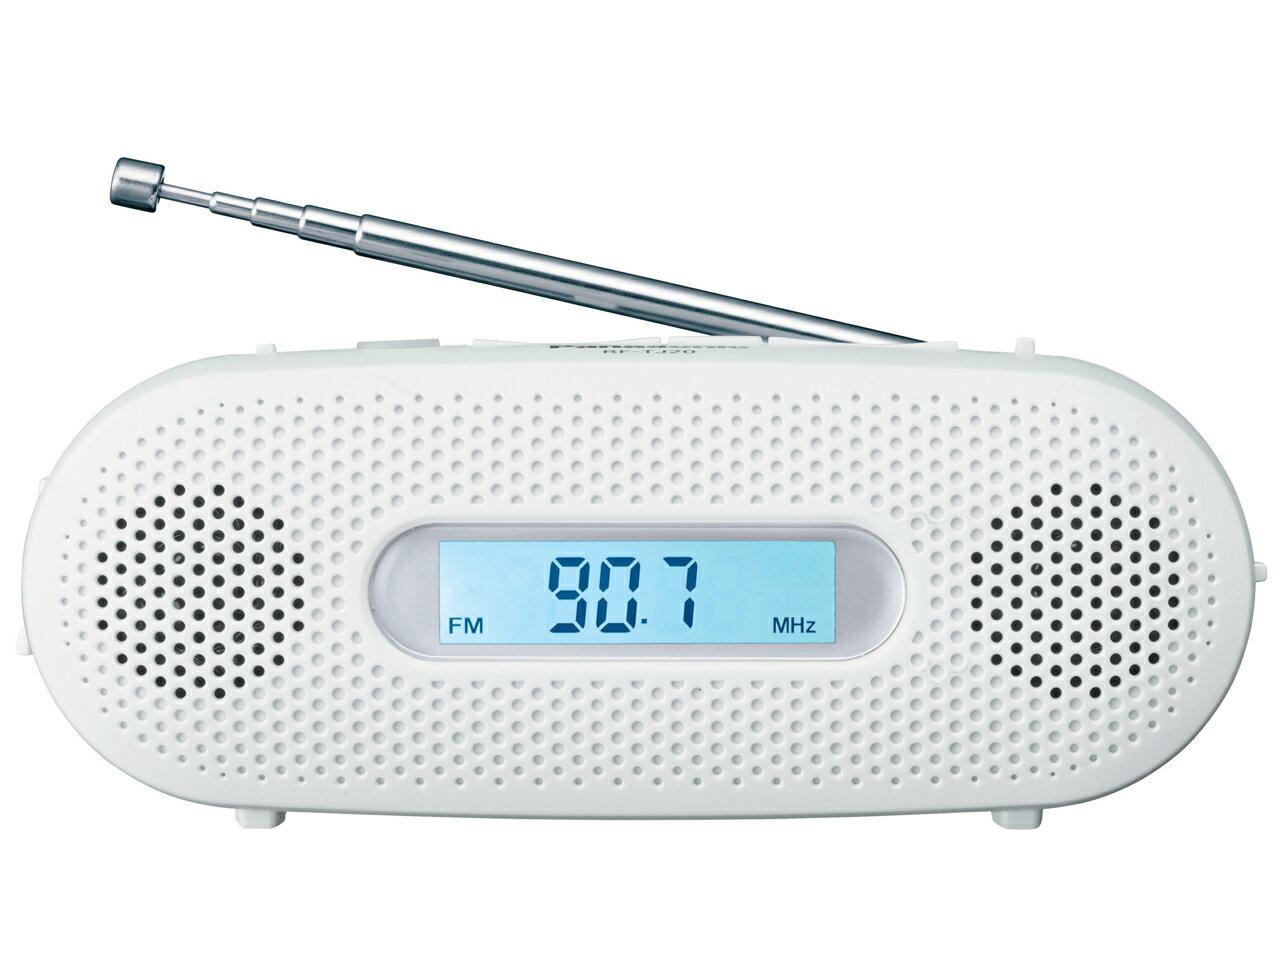 (お取り寄せ)パナソニック FM-AM2バンドレシーバー 手回し充電ラジオ RF-TJ20-W(ホワイト)